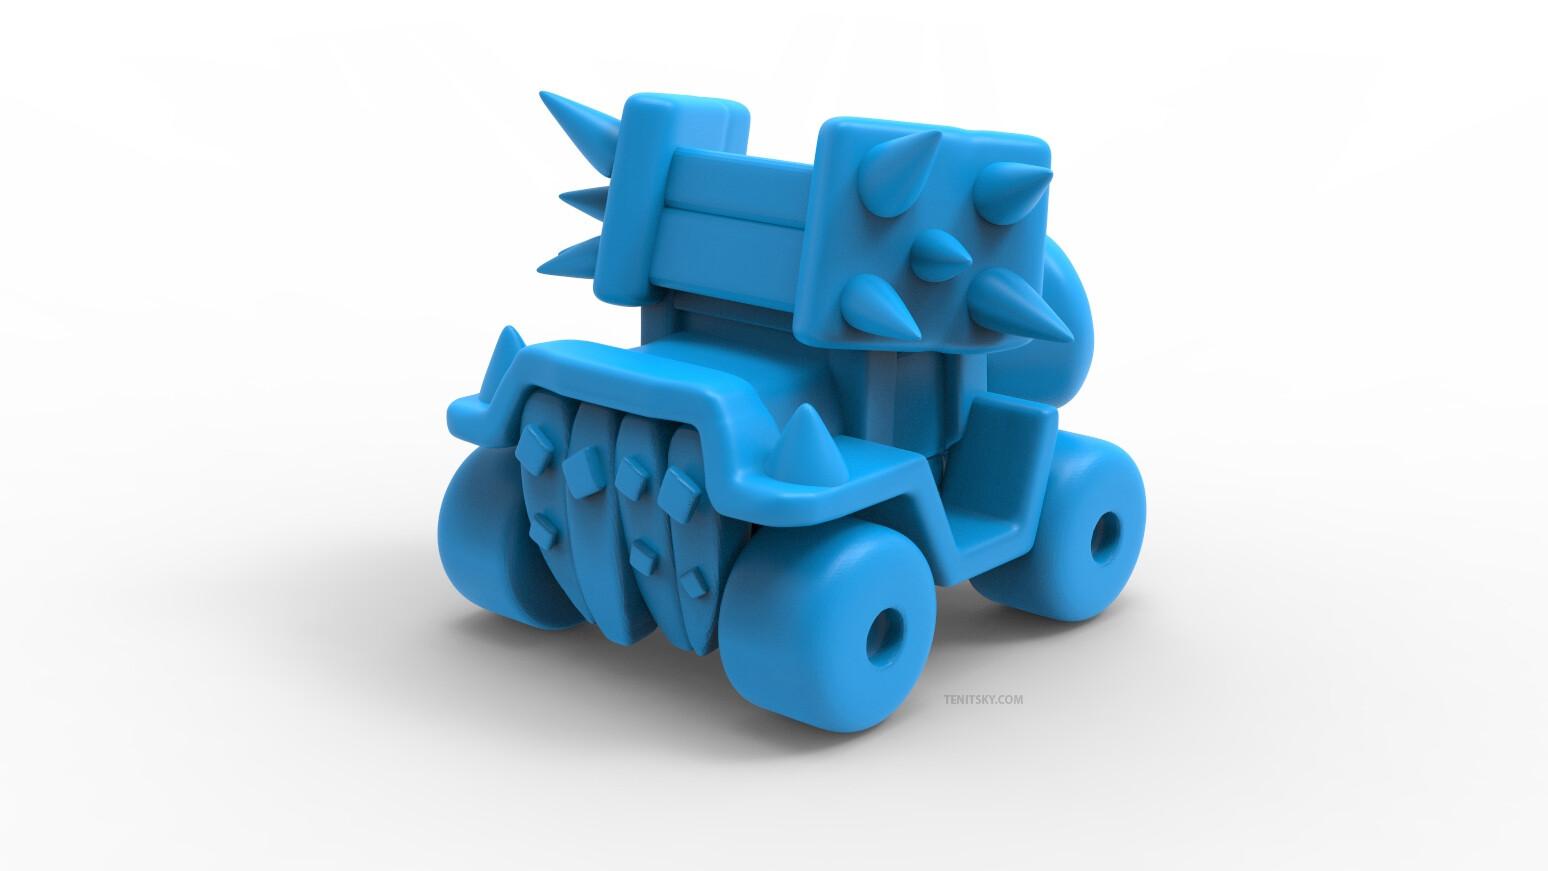 anton-tenitsky-toycar-000-anton-tenitsky